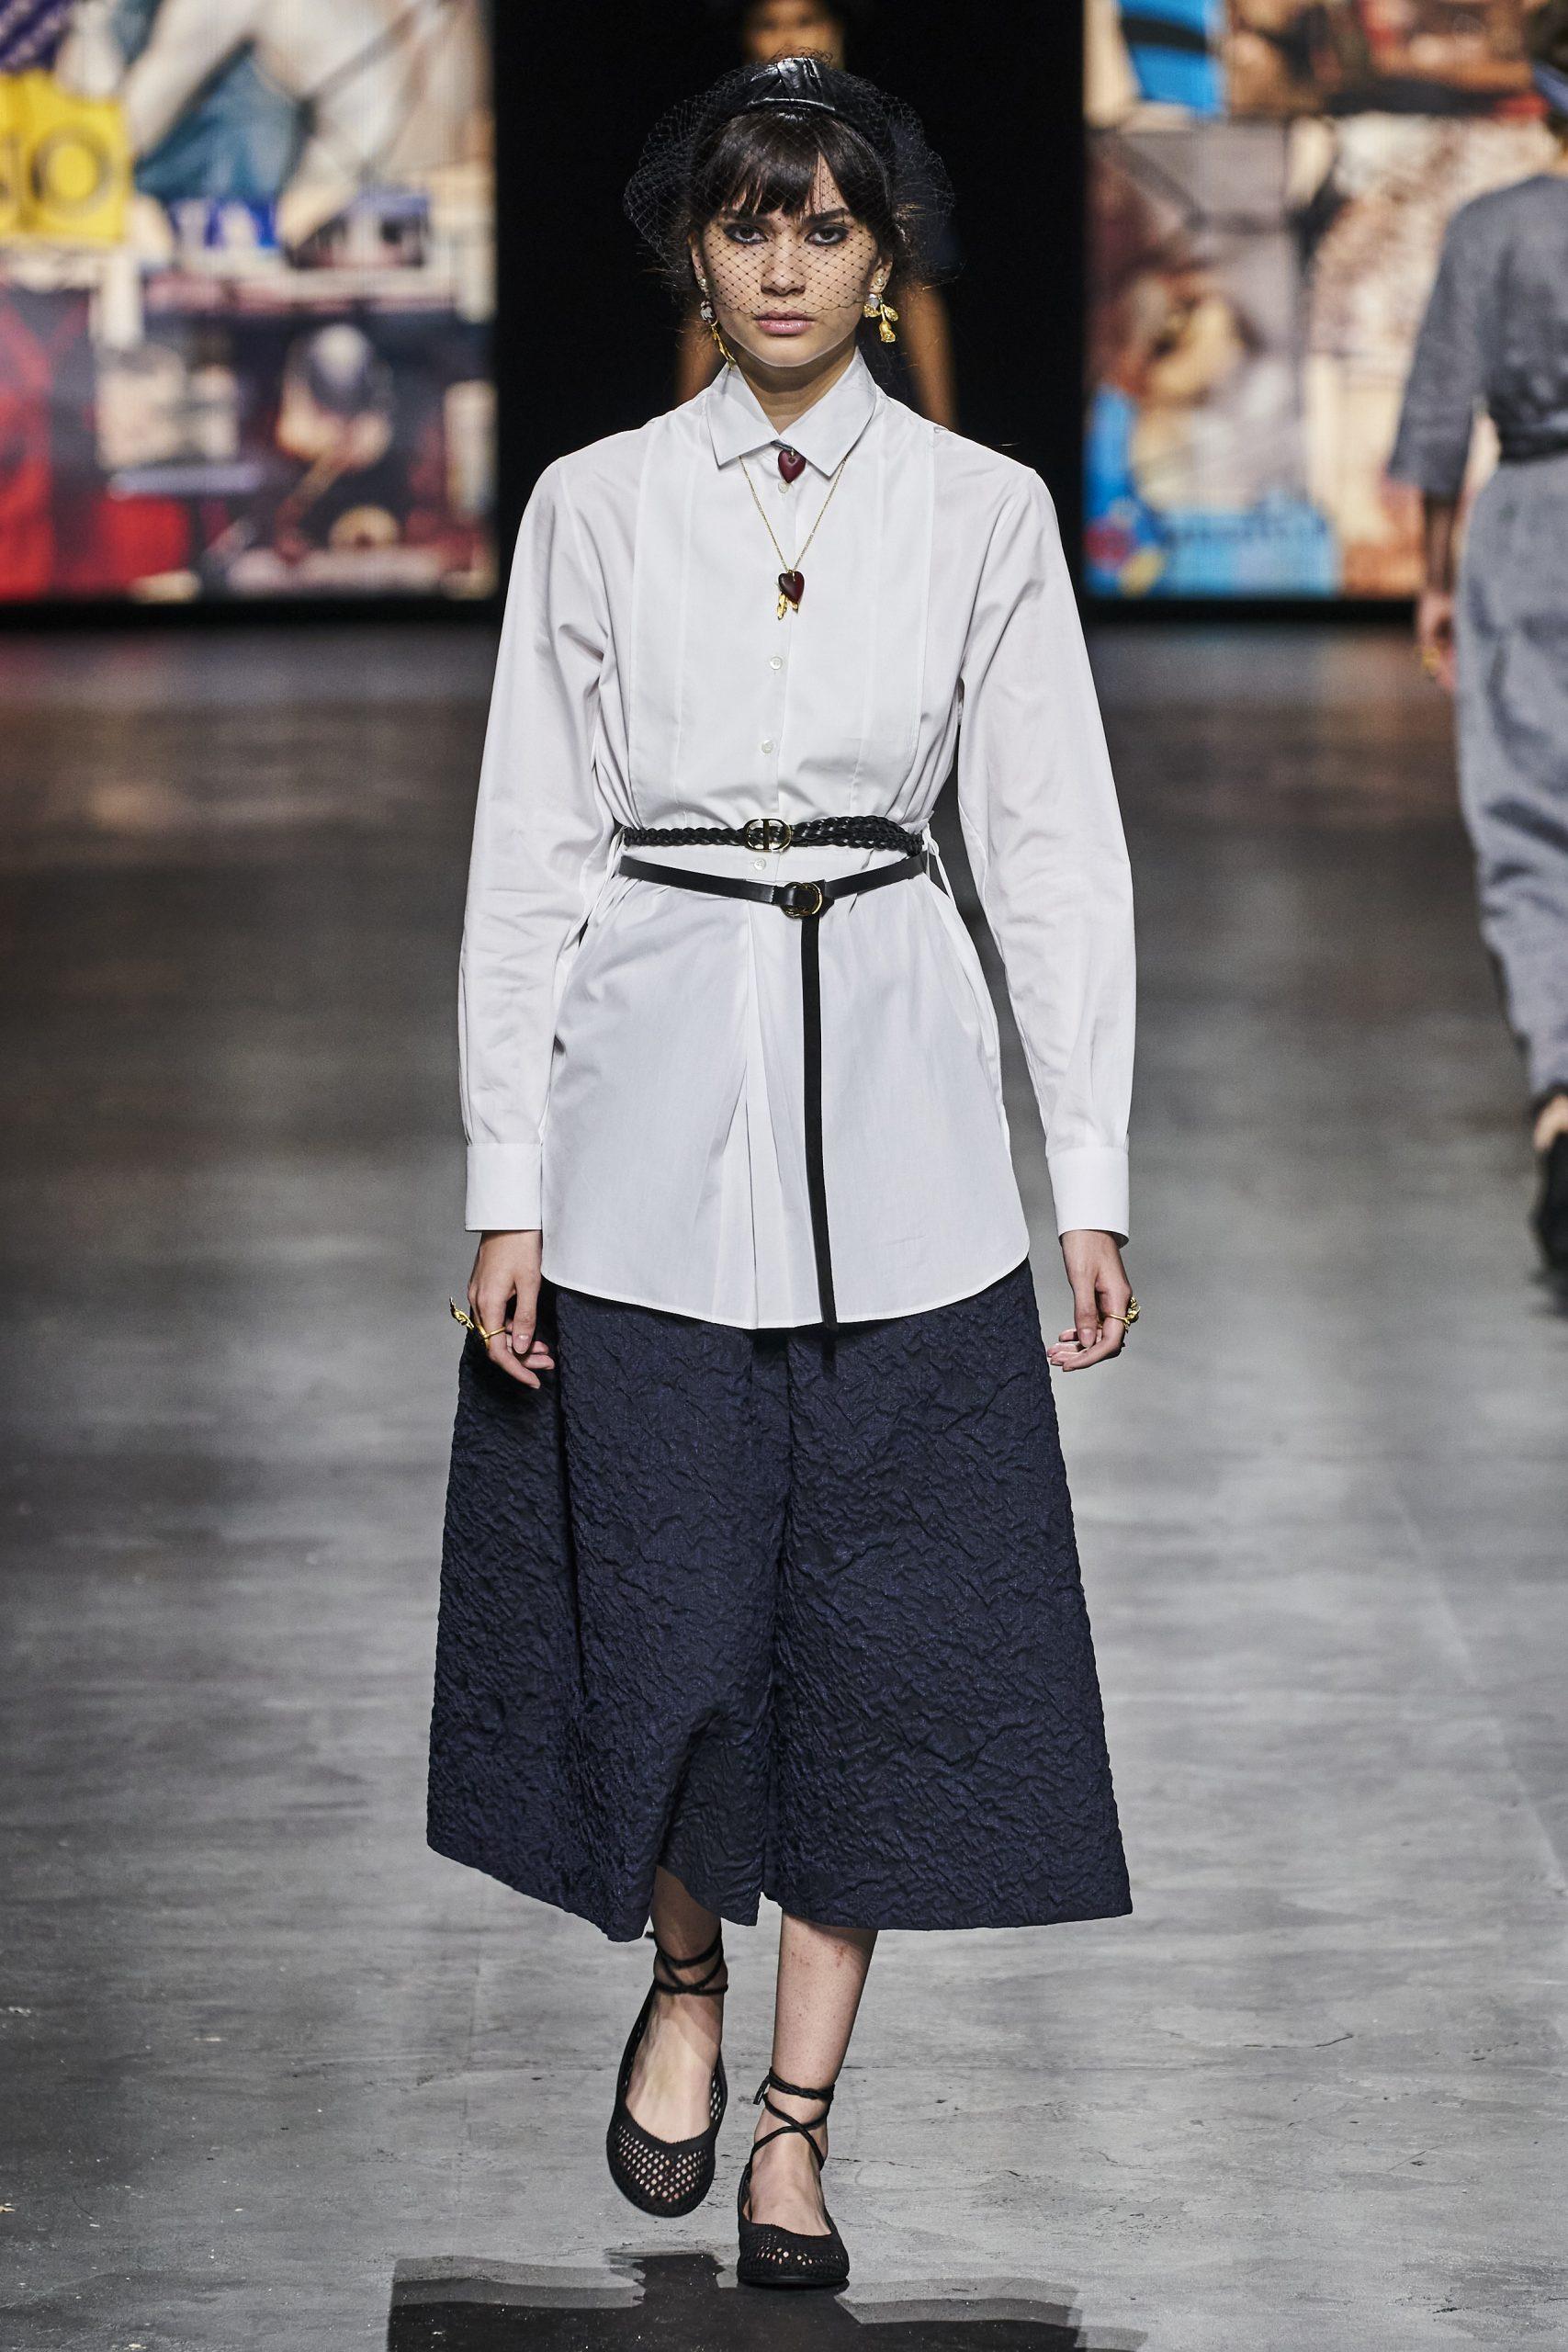 10. kép: Párizsi divathét - Christian Dior - 2021 tavasz-nyár - ready to wear